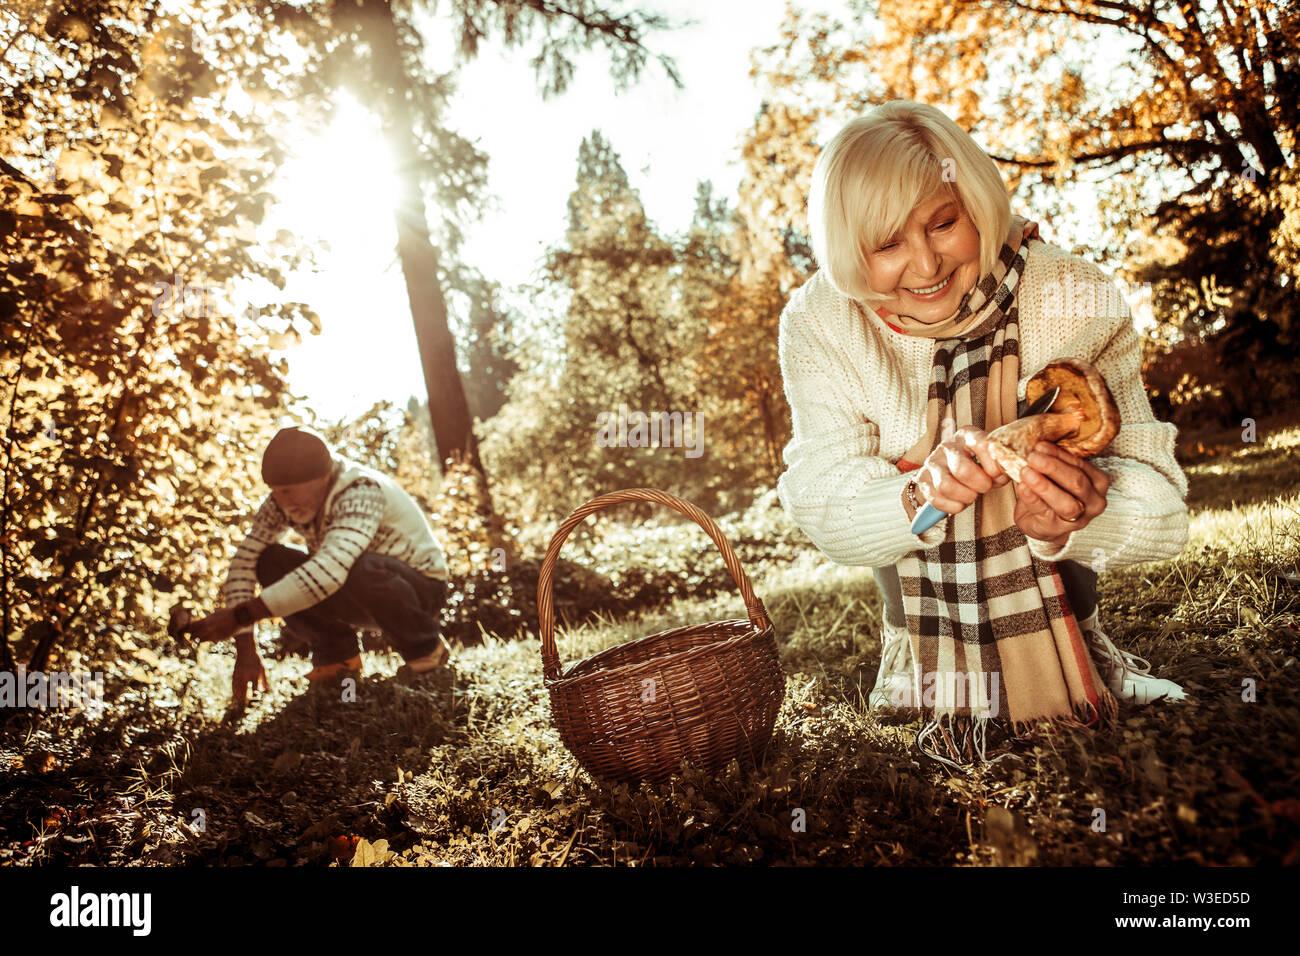 Mari et femme couper les champignons dans la forêt. Photo Stock